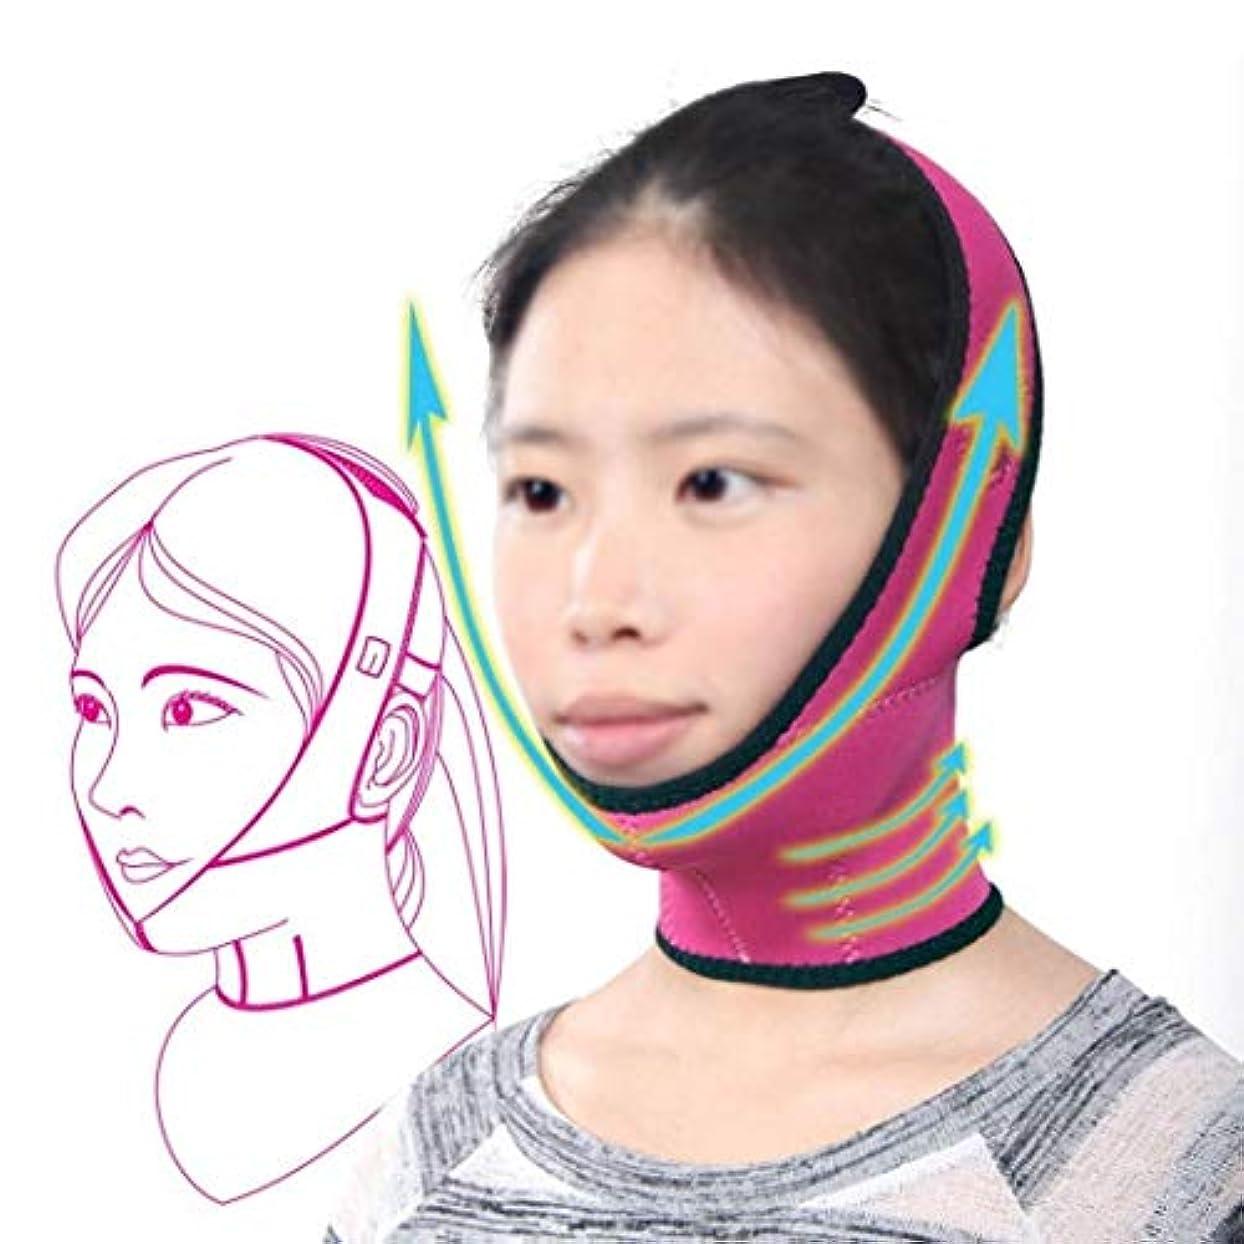 直立暴露する刺激するフェイスリフトマスク、スリミングベルトフェイスマスク強力なリフティング小さなV顔薄い顔包帯美容美容リフティング顔小さな顔薄いフェイスマスク